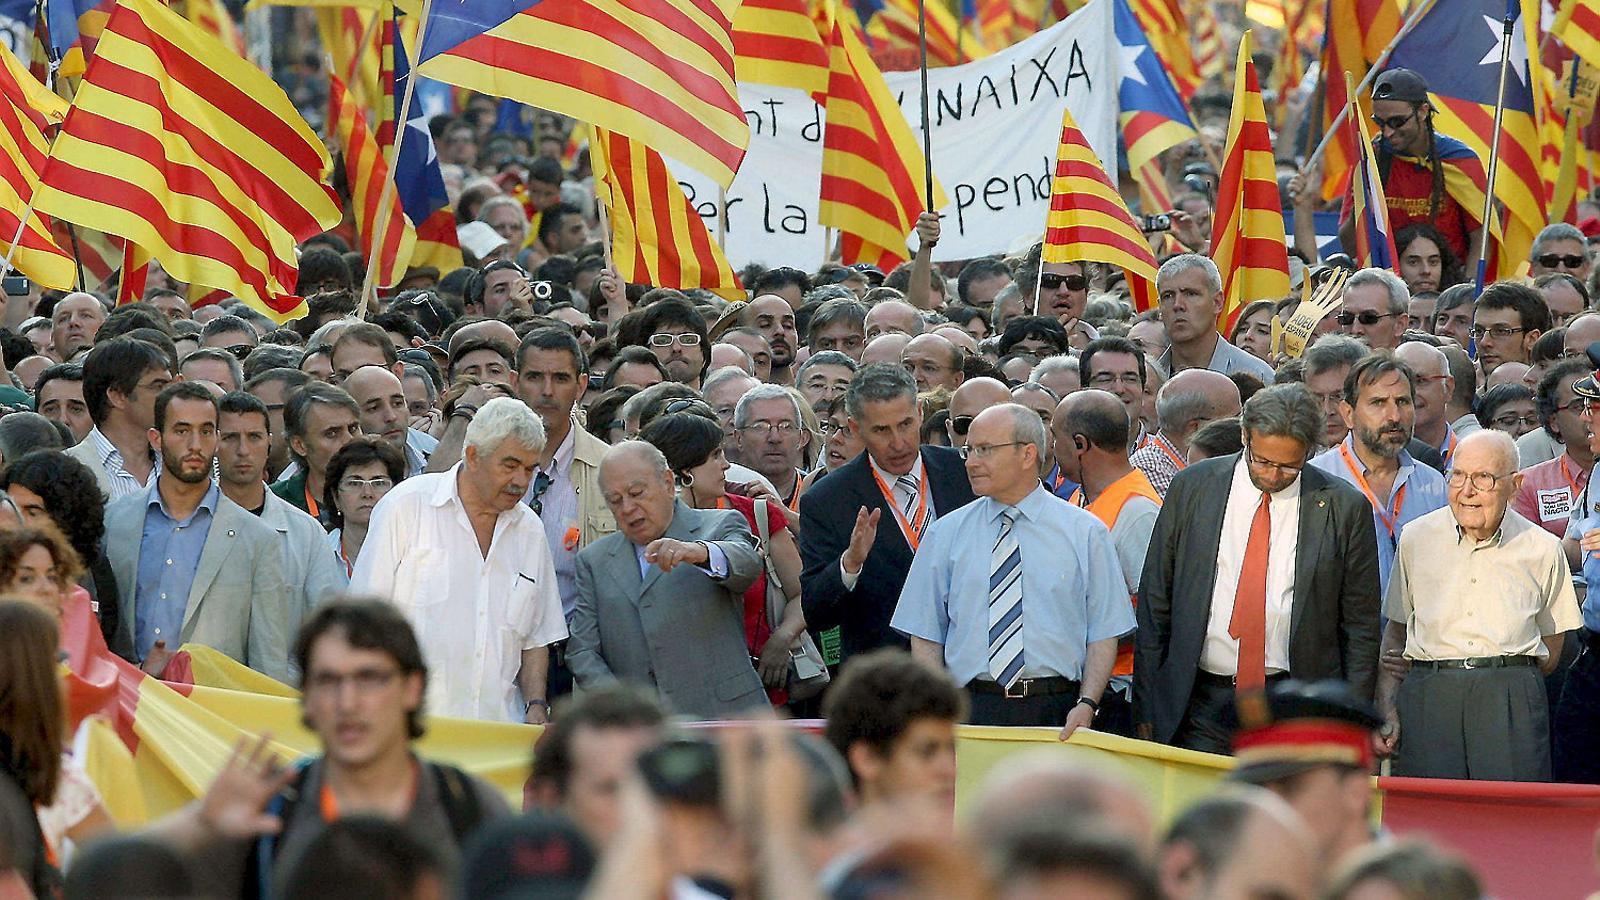 Els presidents Pasqual Maragall, Jordi Pujol i José Montilla, al capdavant de la manifestació.